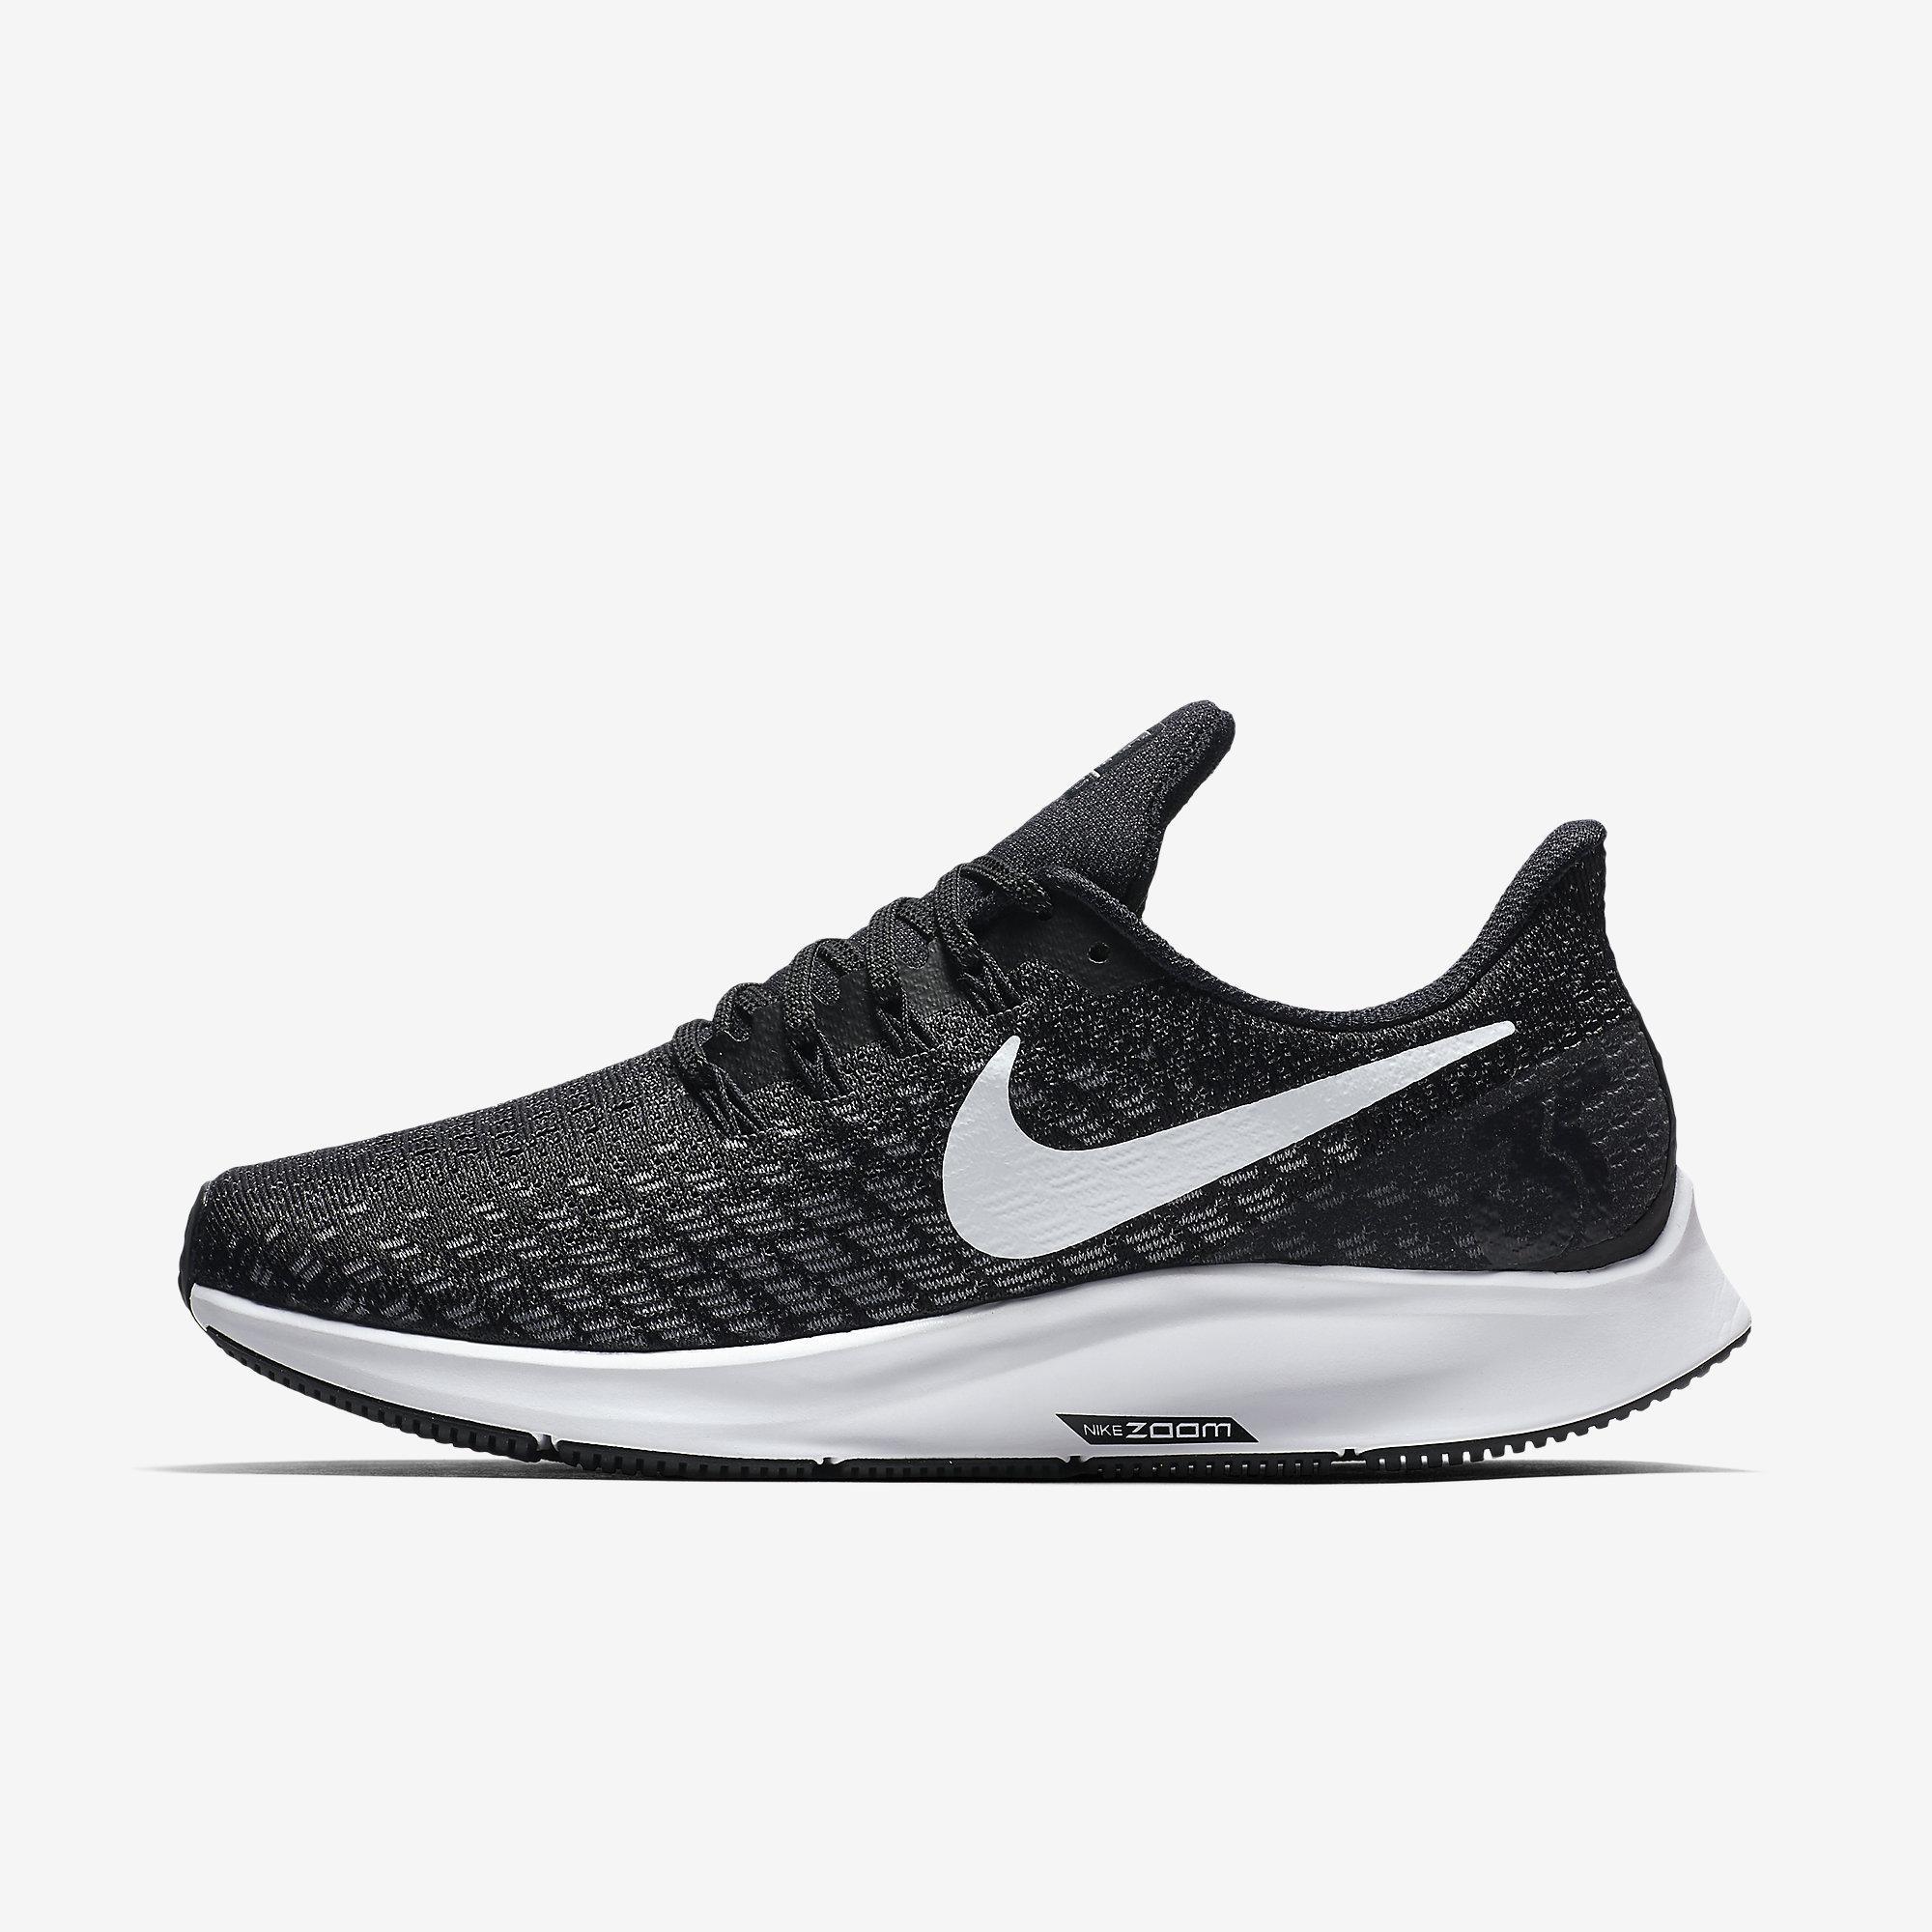 099b9d2c45e Nike Womens Air Zoom Pegasus 35 Running Shoes - Black White Gunsmoke -  Tennisnuts.com